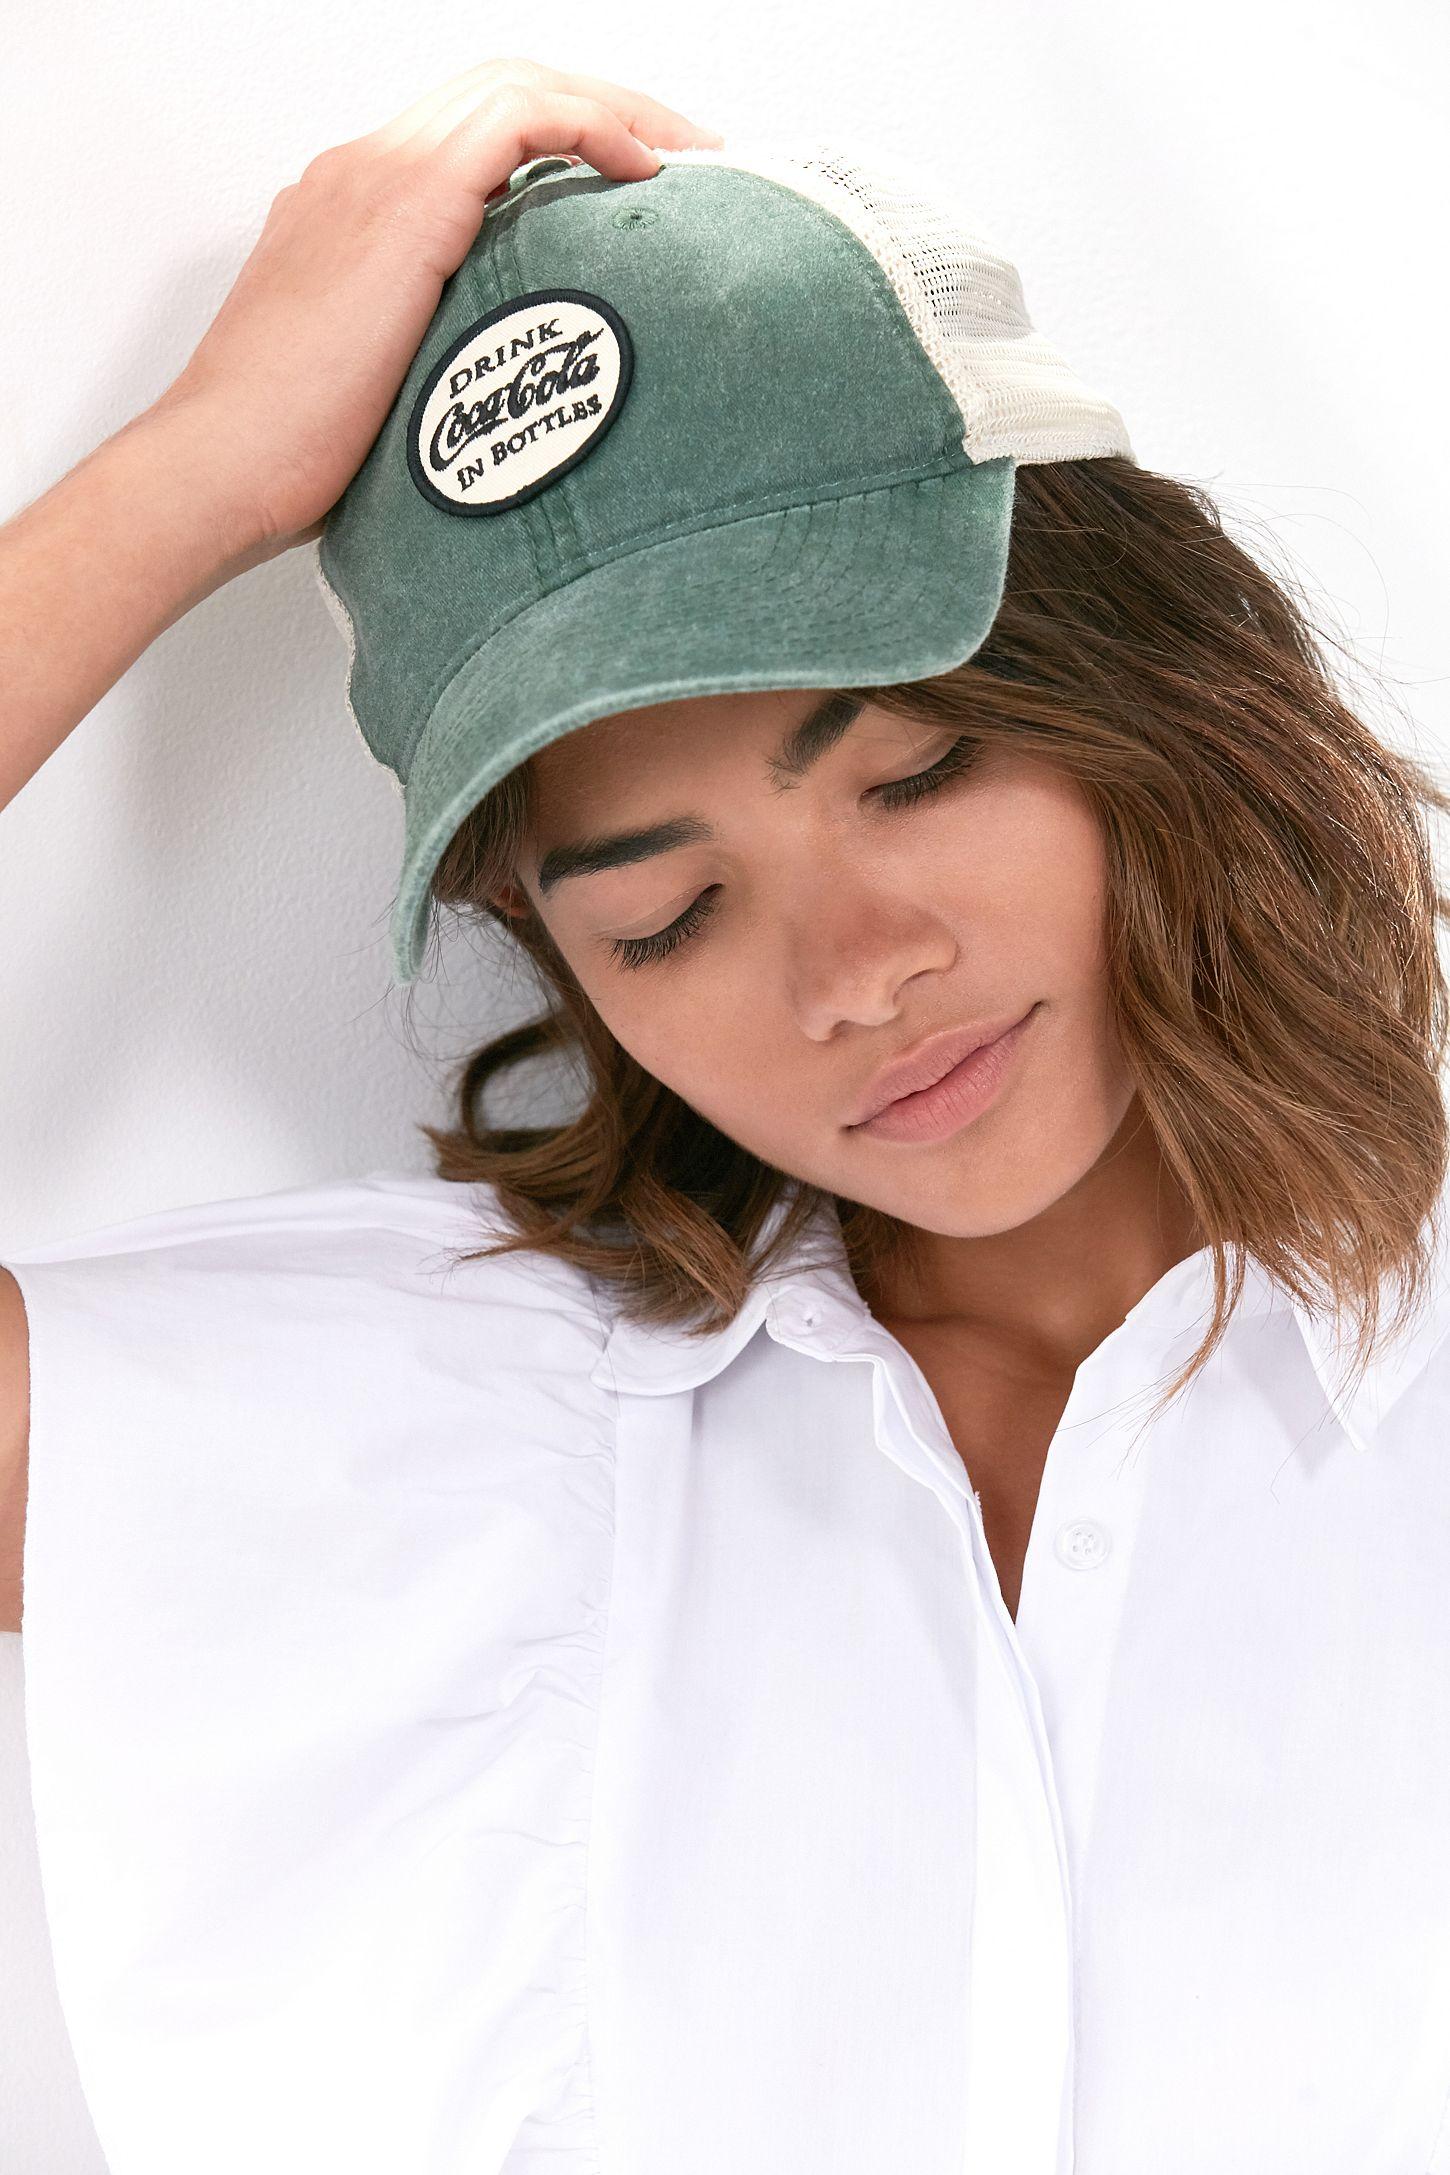 994d4098919 American Needle Coca-Cola Old School Trucker Hat